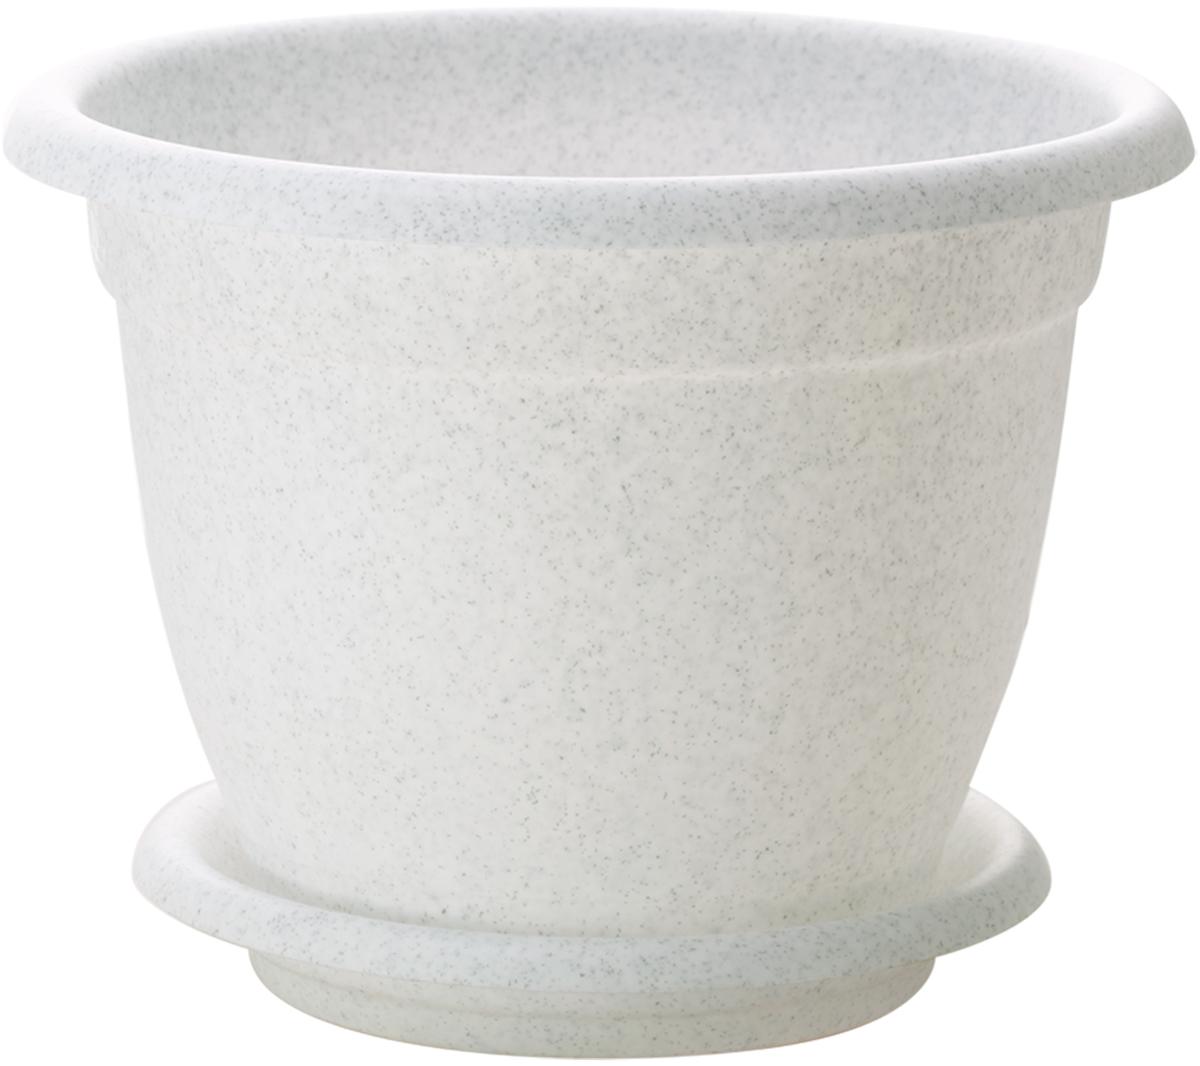 Горшок для цветов InGreen Борнео, с поддоном, цвет: мраморный, диаметр 19 смING42019FМРГоршок InGreen Борнео выполнен из высококачественного полипропилена (пластика) и предназначен для выращивания цветов, растений и трав. Снабжен поддоном для стока воды.Такой горшок порадует вас функциональностью, а благодаря лаконичному дизайну впишется в любой интерьер помещения.Диаметр горшка (по верхнему краю): 19 см. Высота горшка: 15,5 см. Диаметр поддона: 15 см.